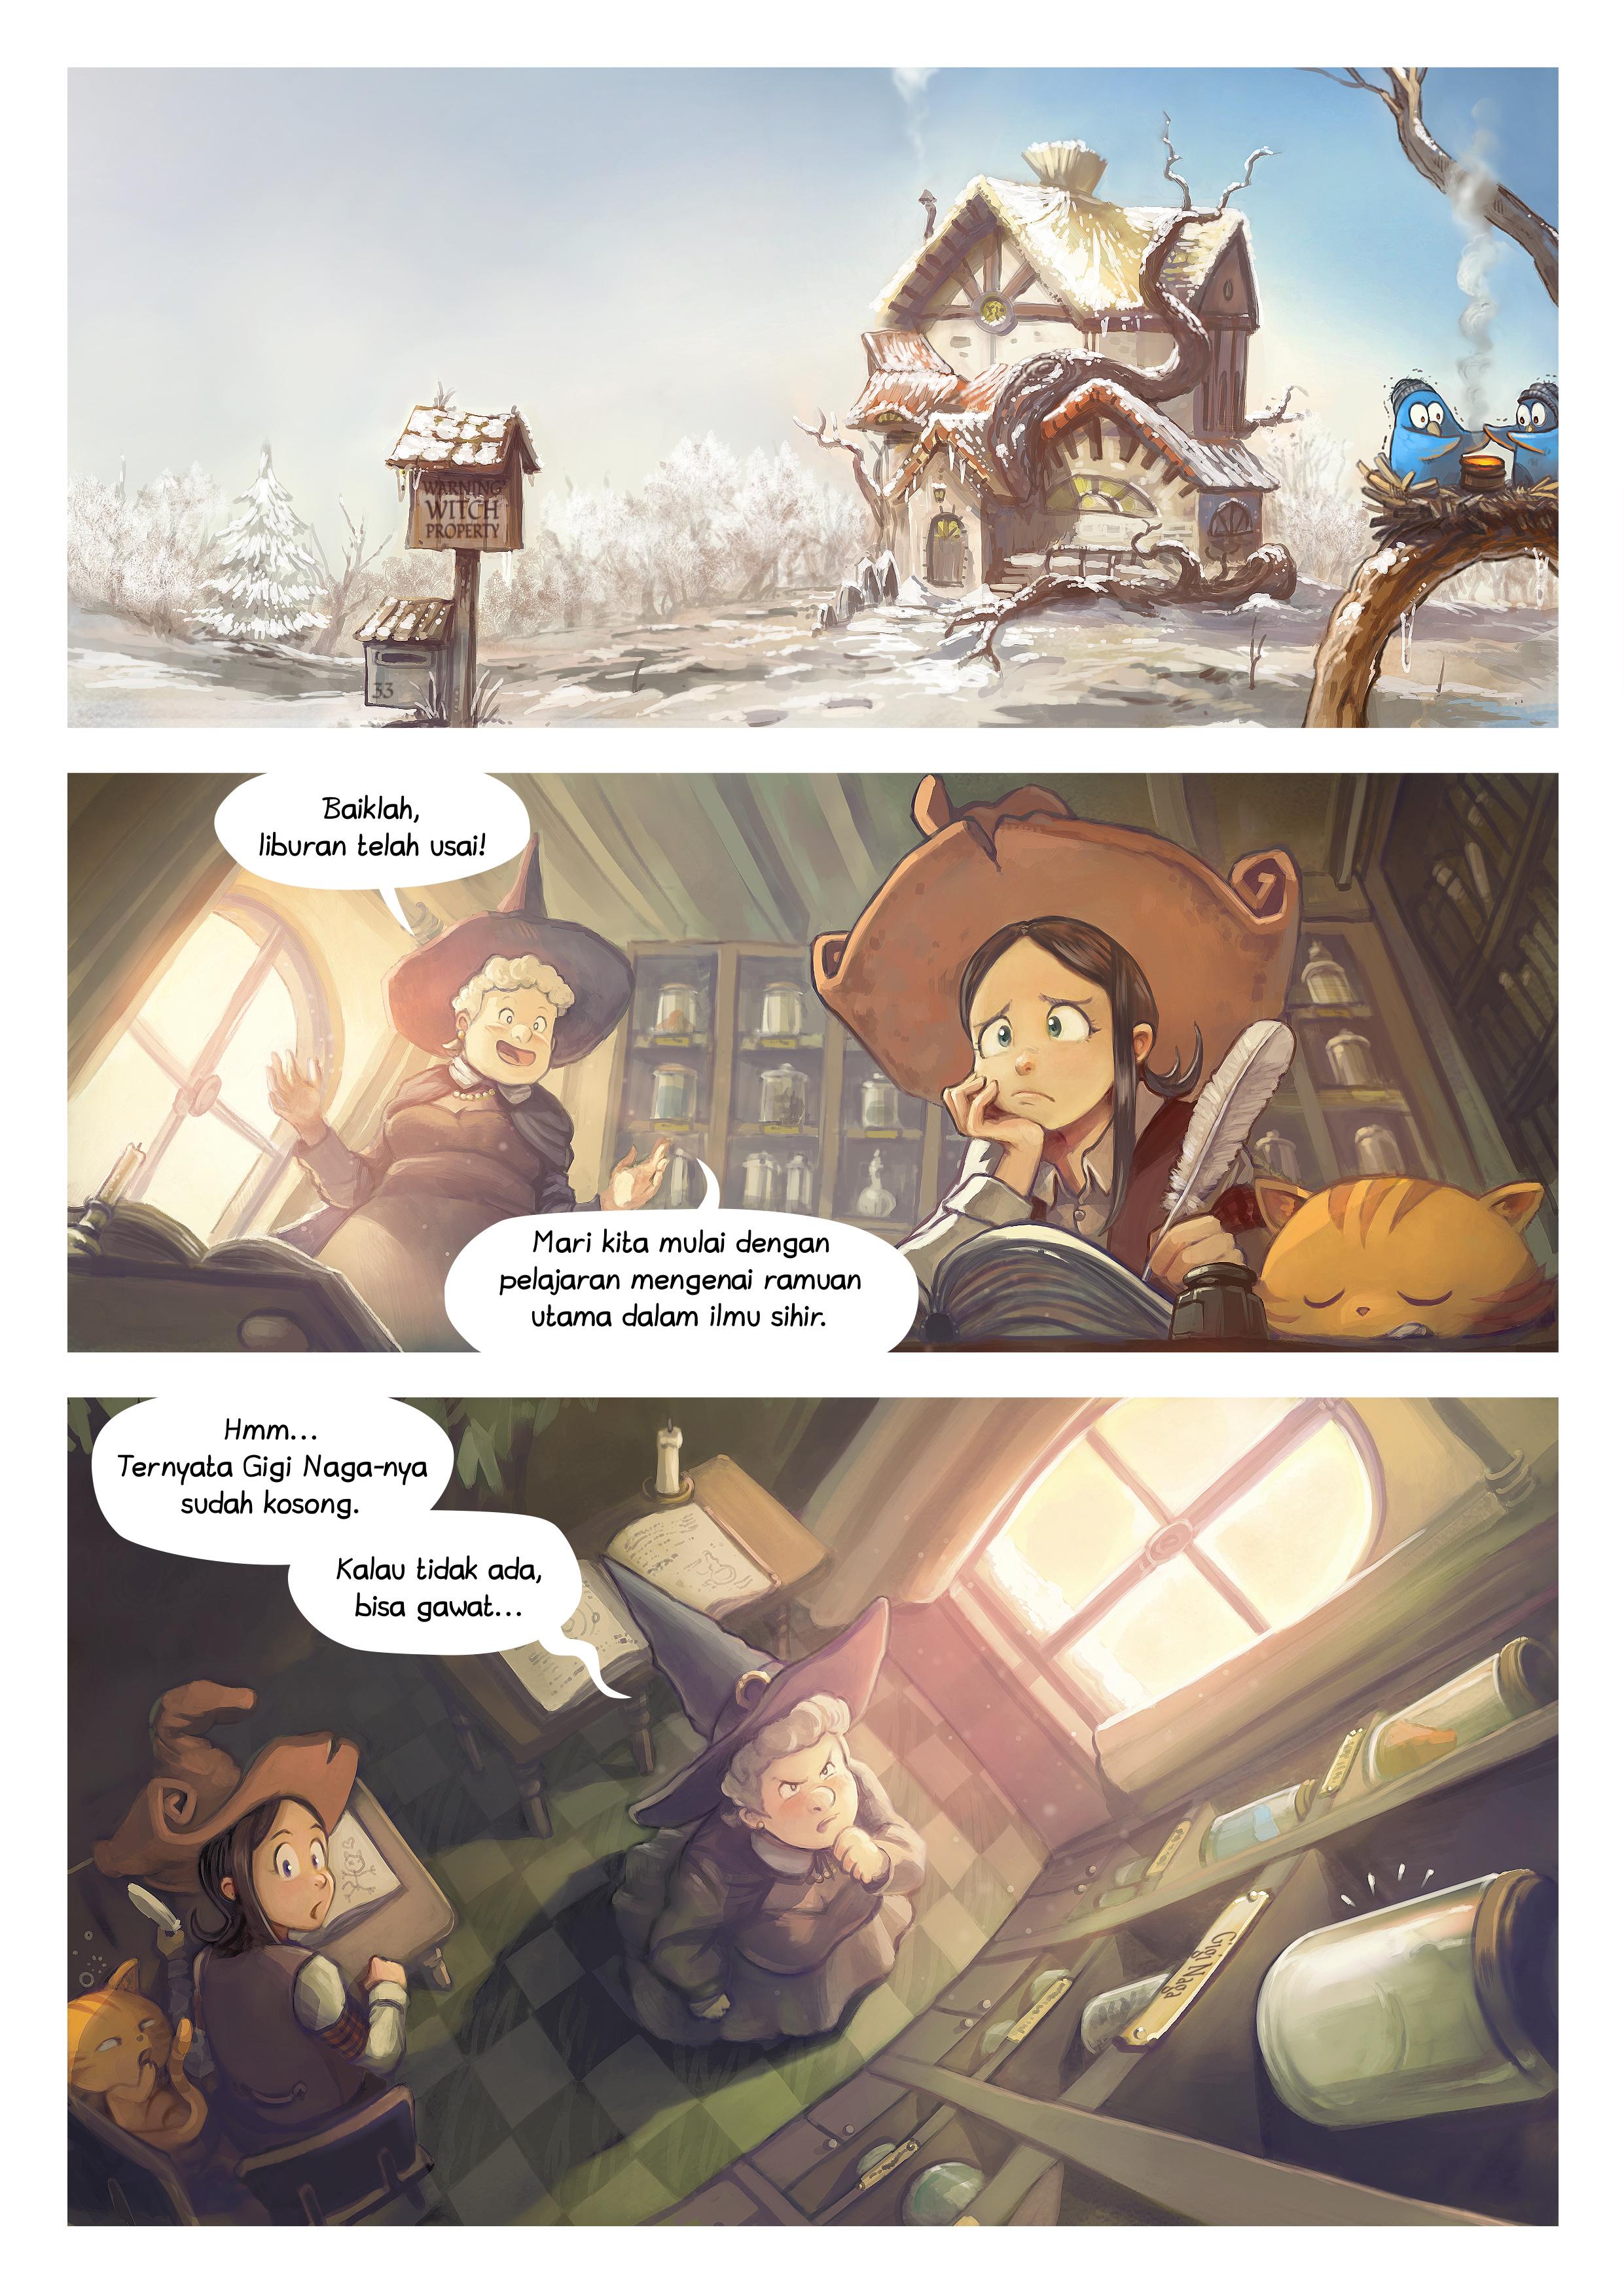 Episode 14: Gigi Naga, Page 1